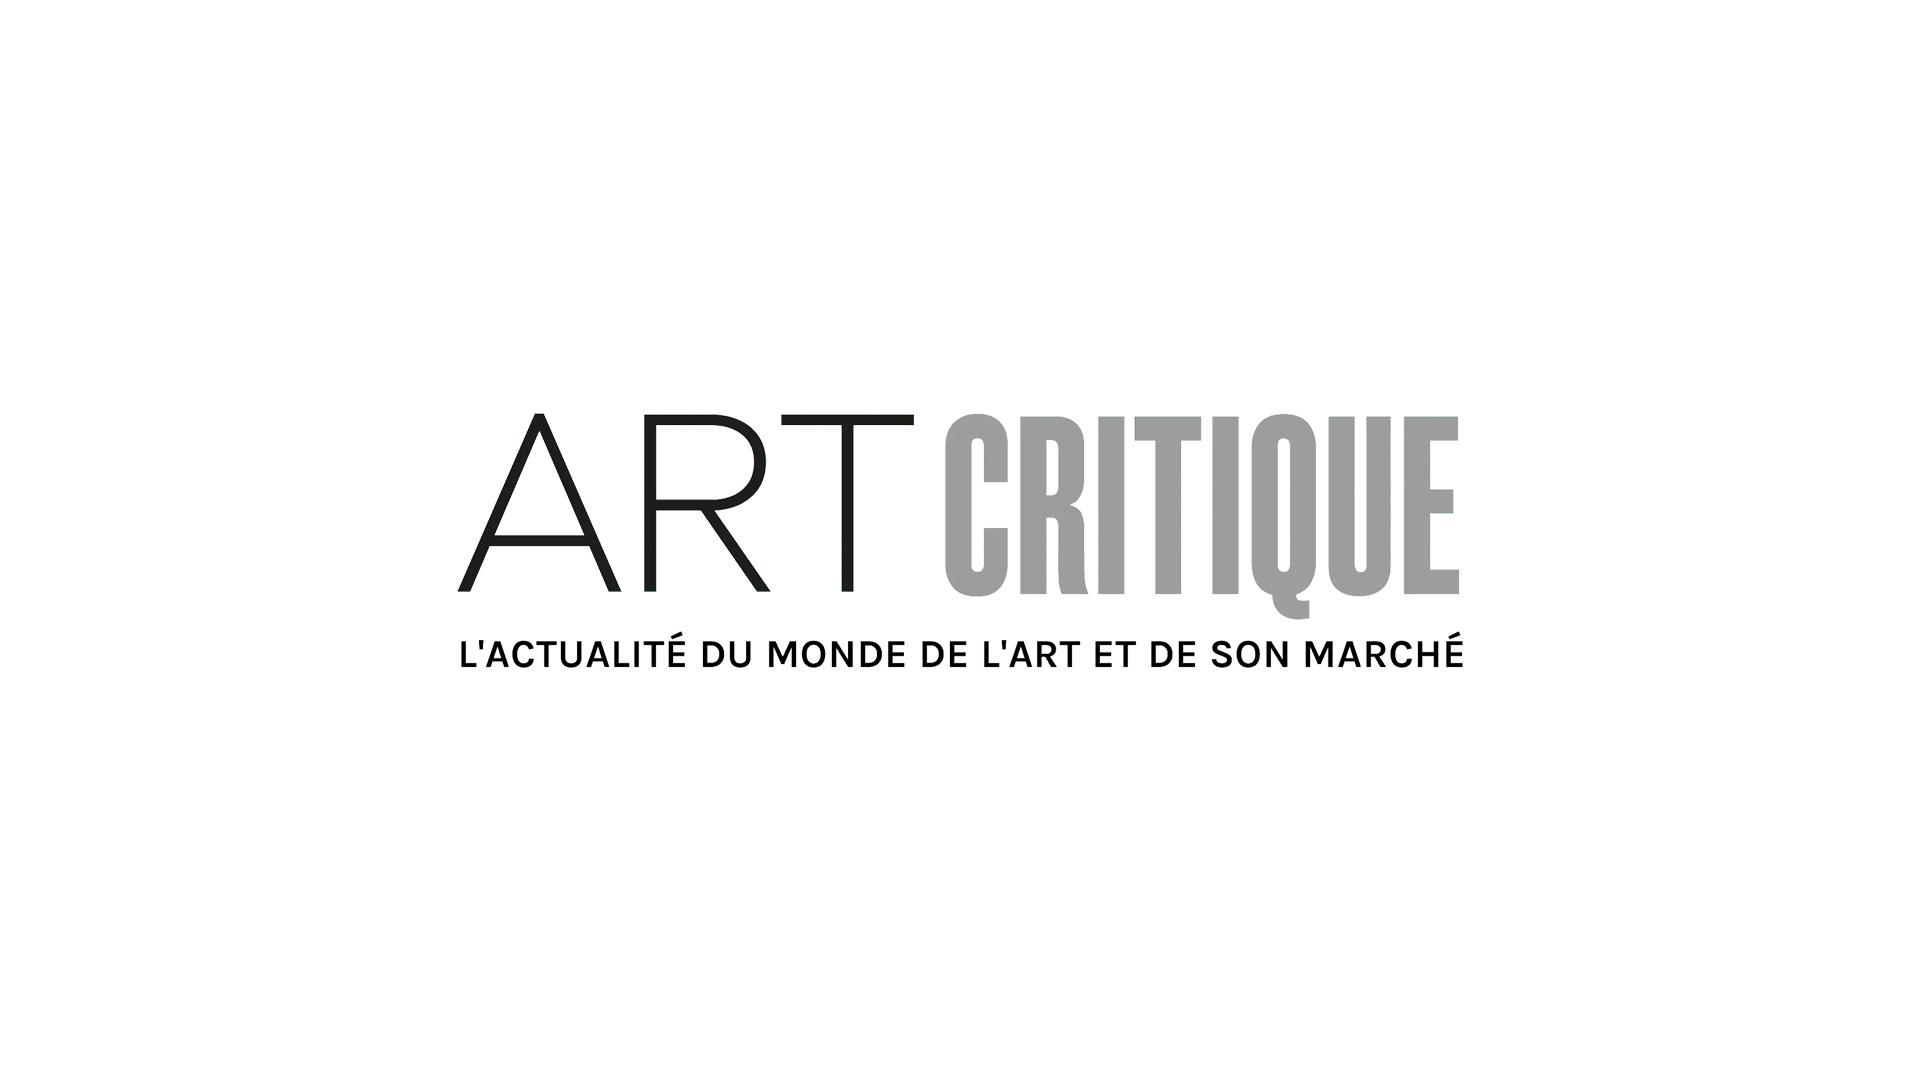 Greco s'est installé au Grand Palais